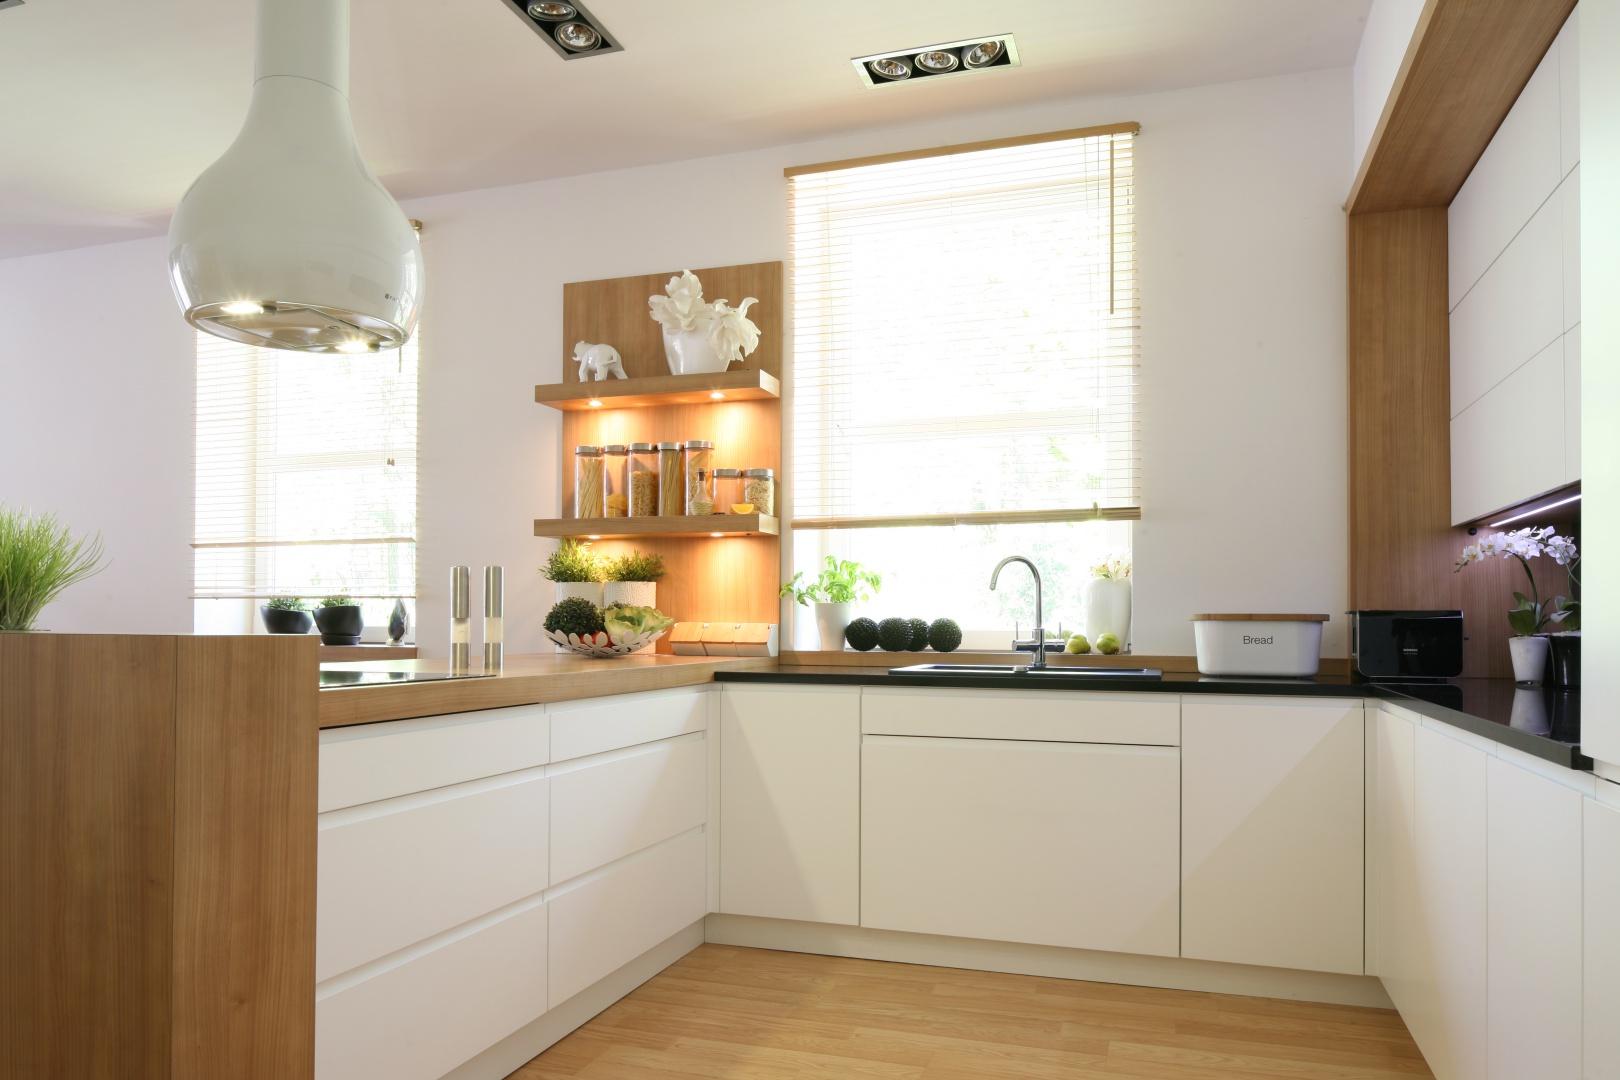 Jeśli chcemy uzyskać efekt jasnej kuchni zacznijmy od podłogi. Powinna być ona wykonana z materiałów w jasnych kolorach, bez względu na to, czy użyjemy kamienia naturalnego, płytek, paneli lub drewna. Projekt: Małgorzata Błaszczak. Fot. Bartosz Jarosz.